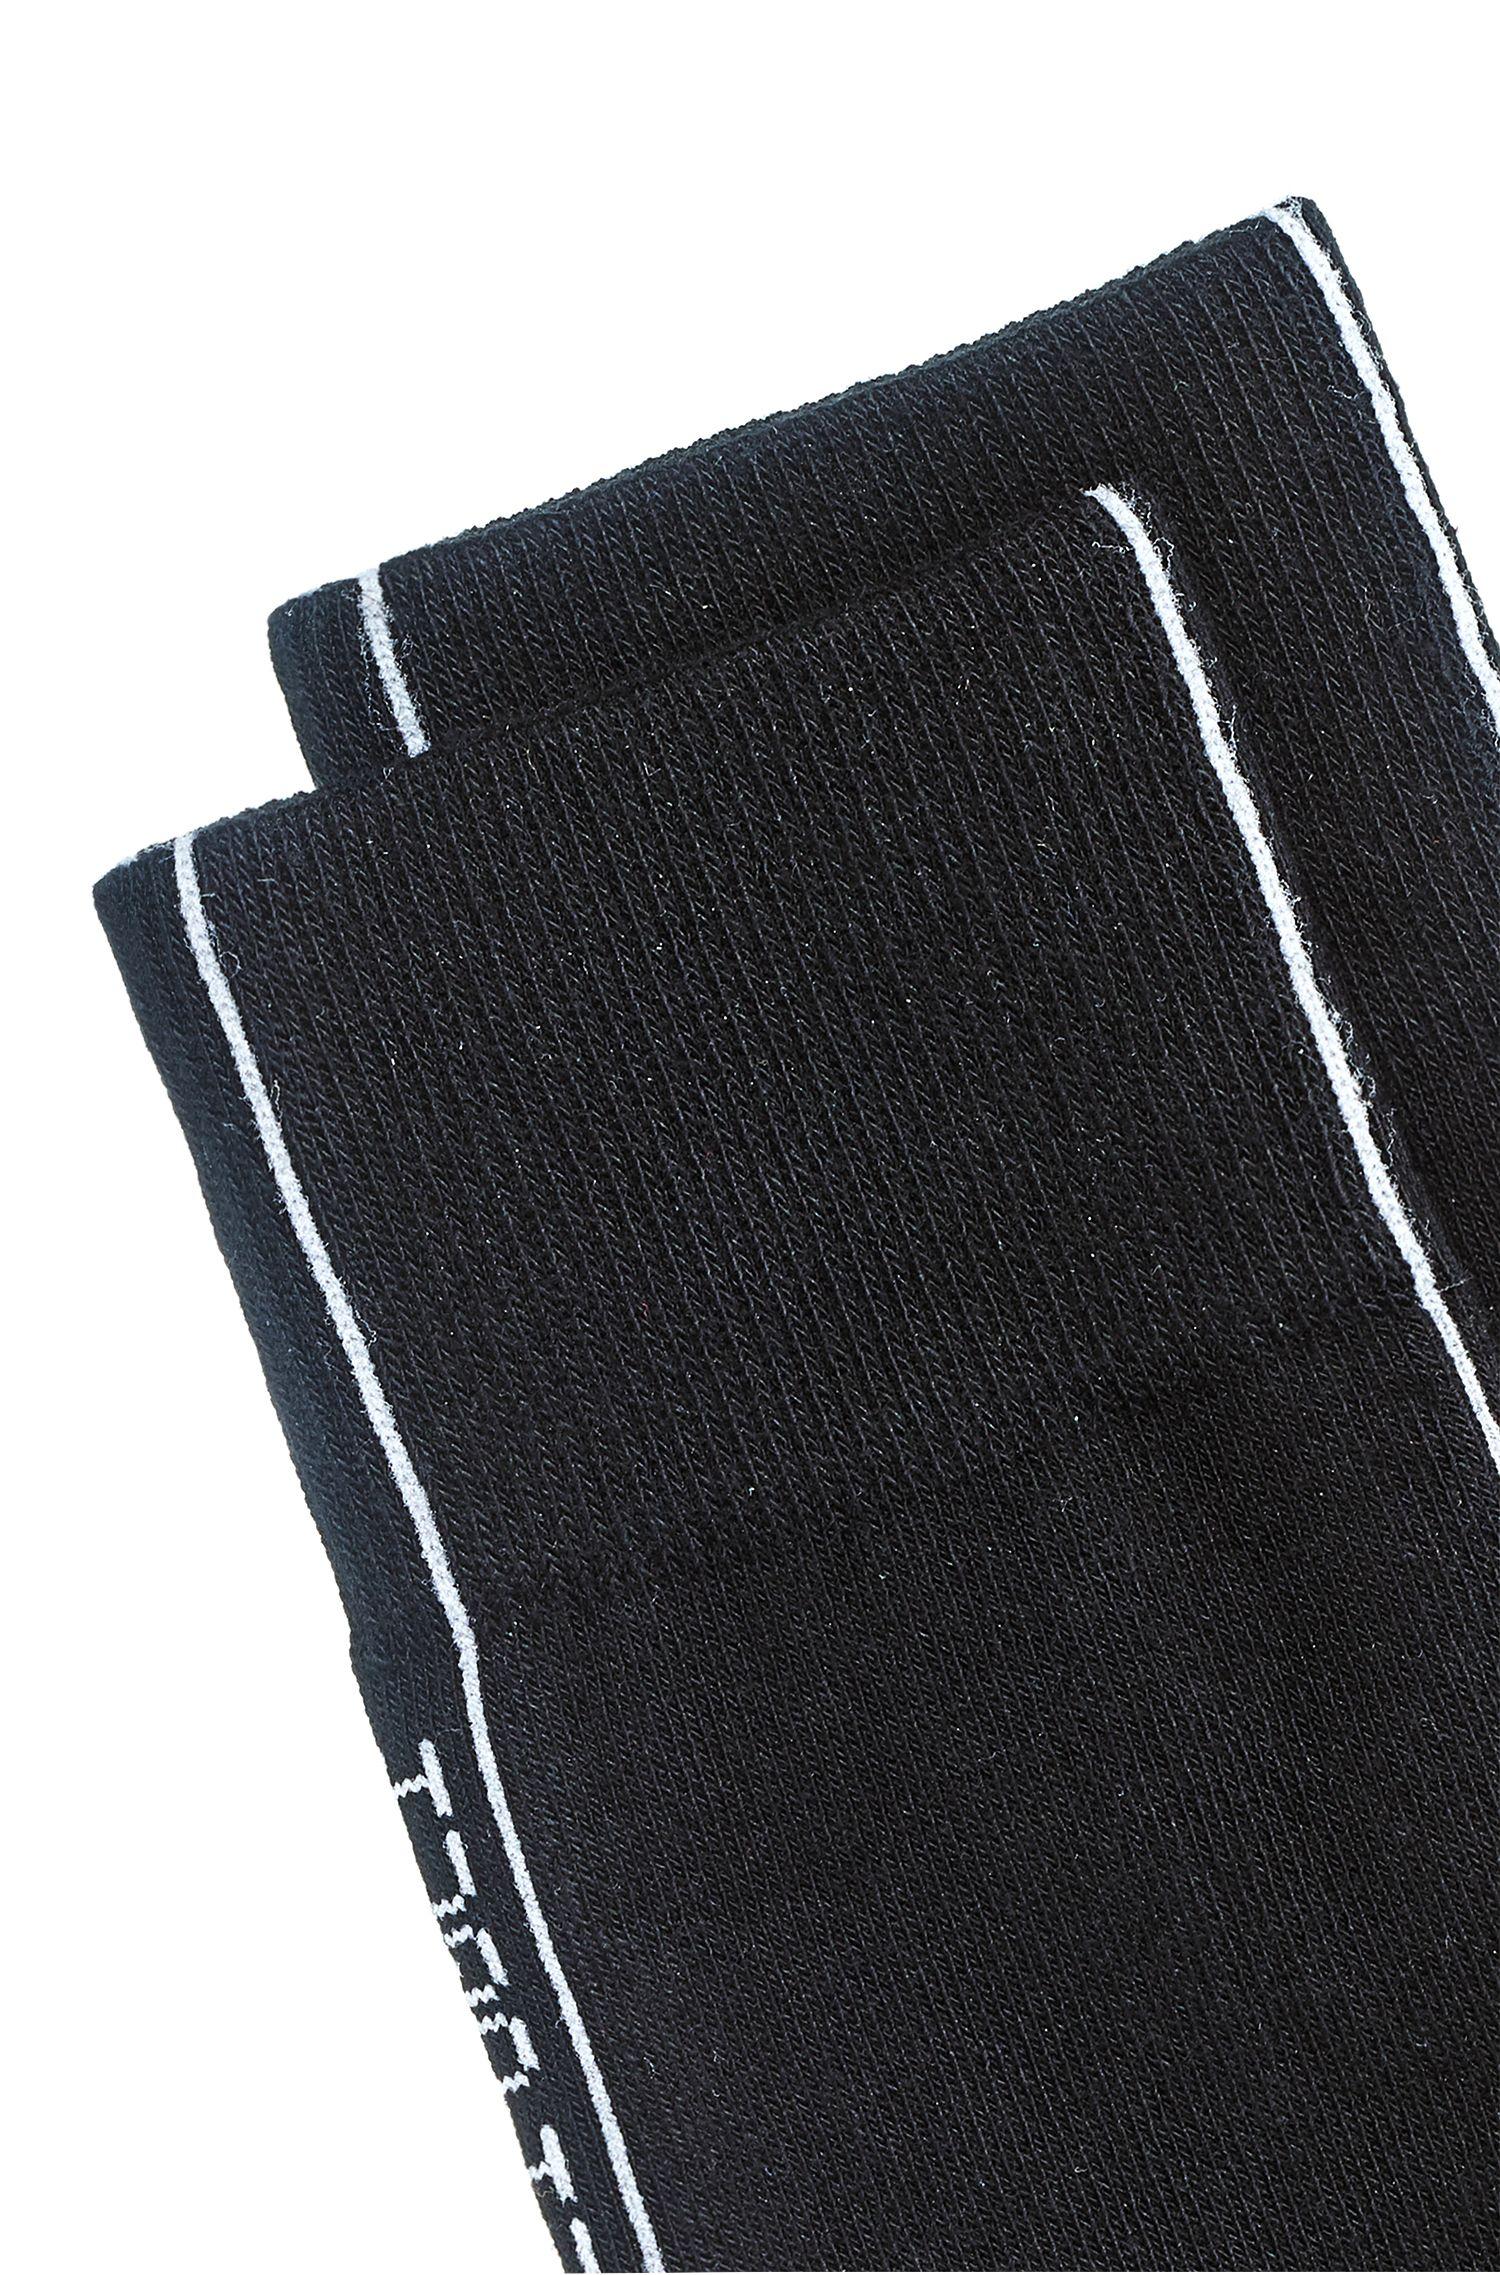 Mittelhohe Socken mit spiegelverkehrtem Logo-Tape, Schwarz